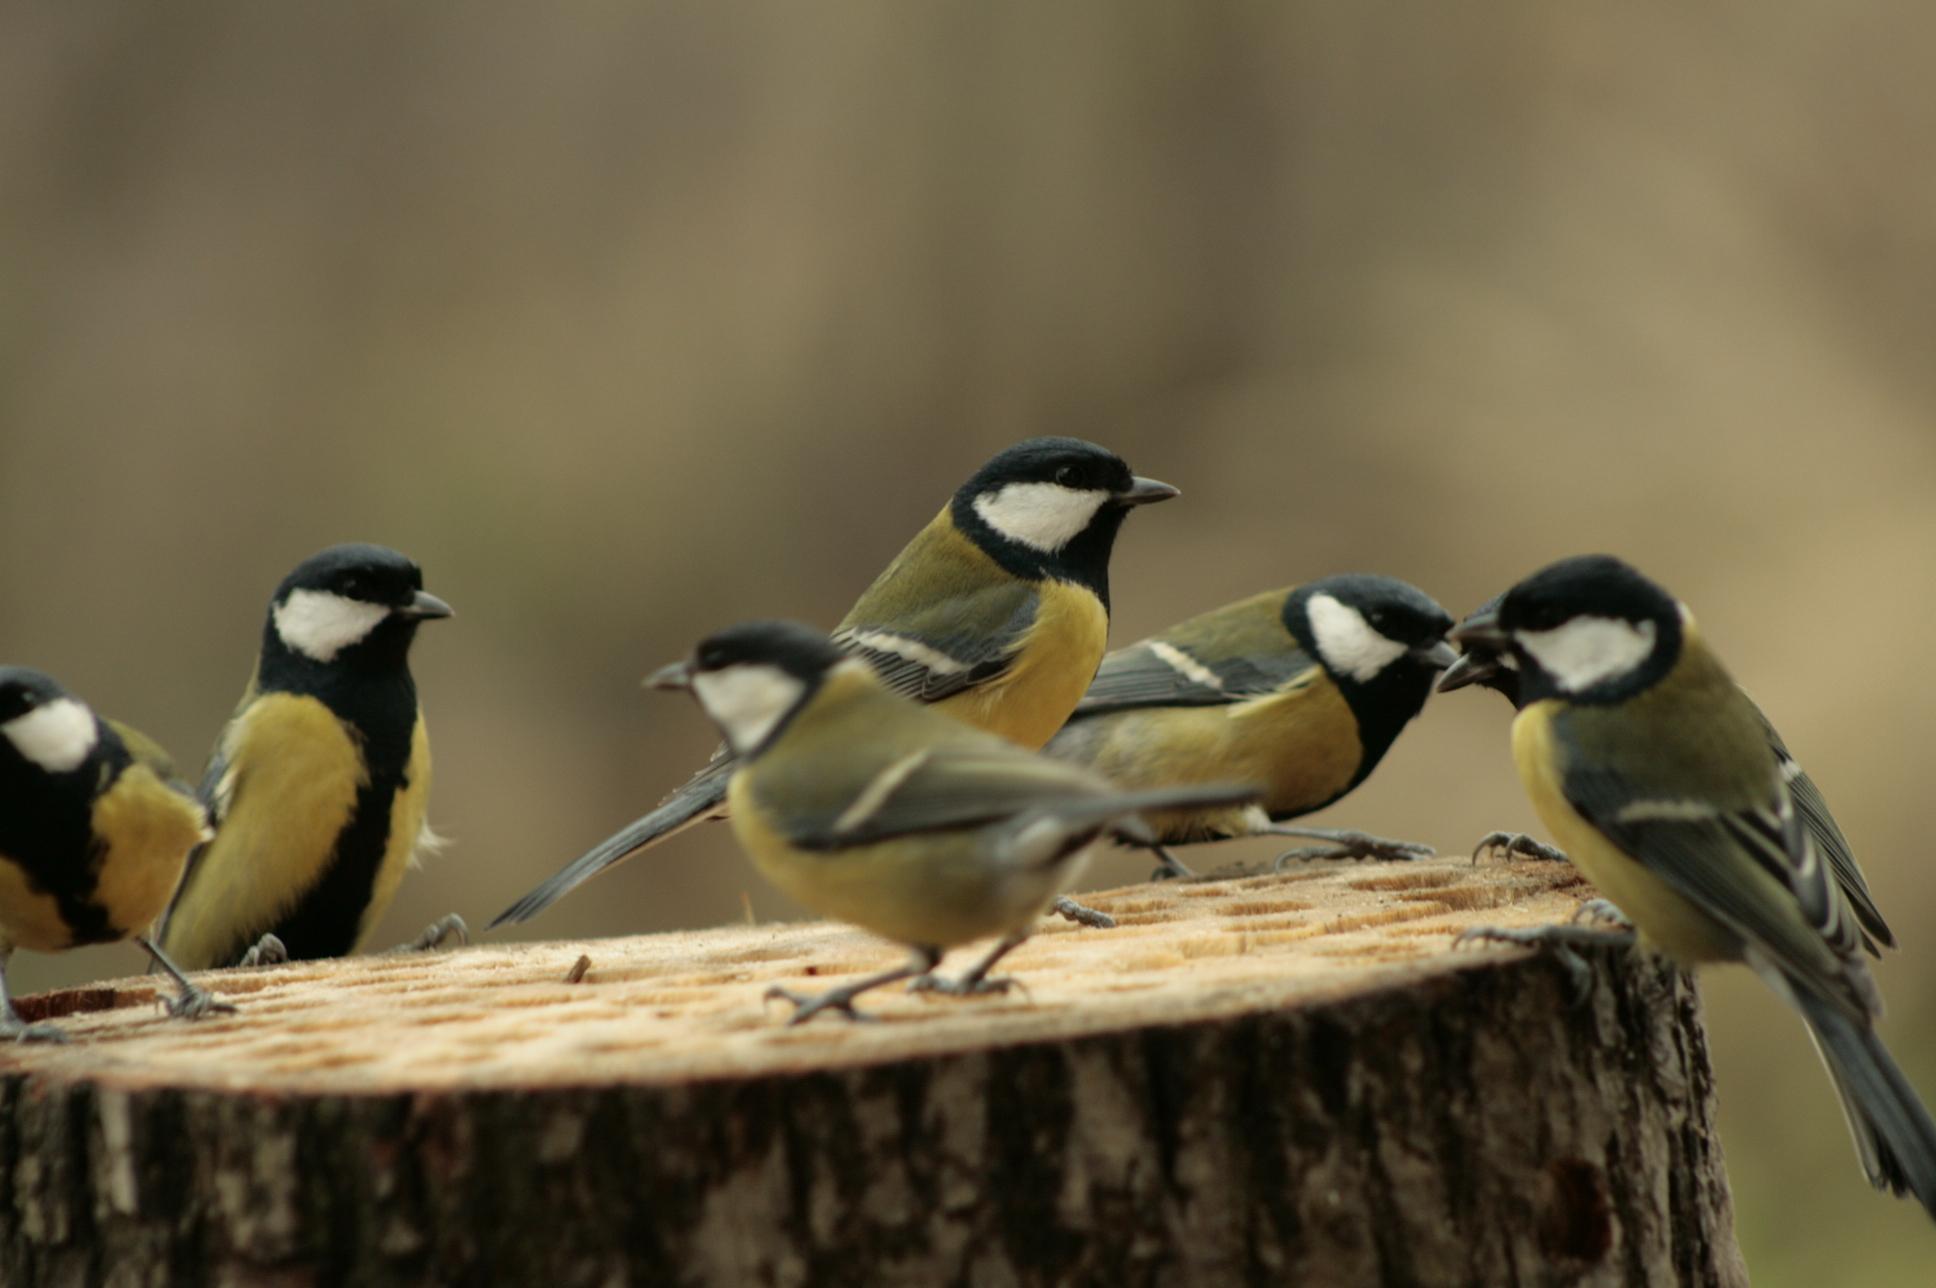 Czym karmić ptaki, żeby im nie zaszkodzić? - Zdjęcie główne